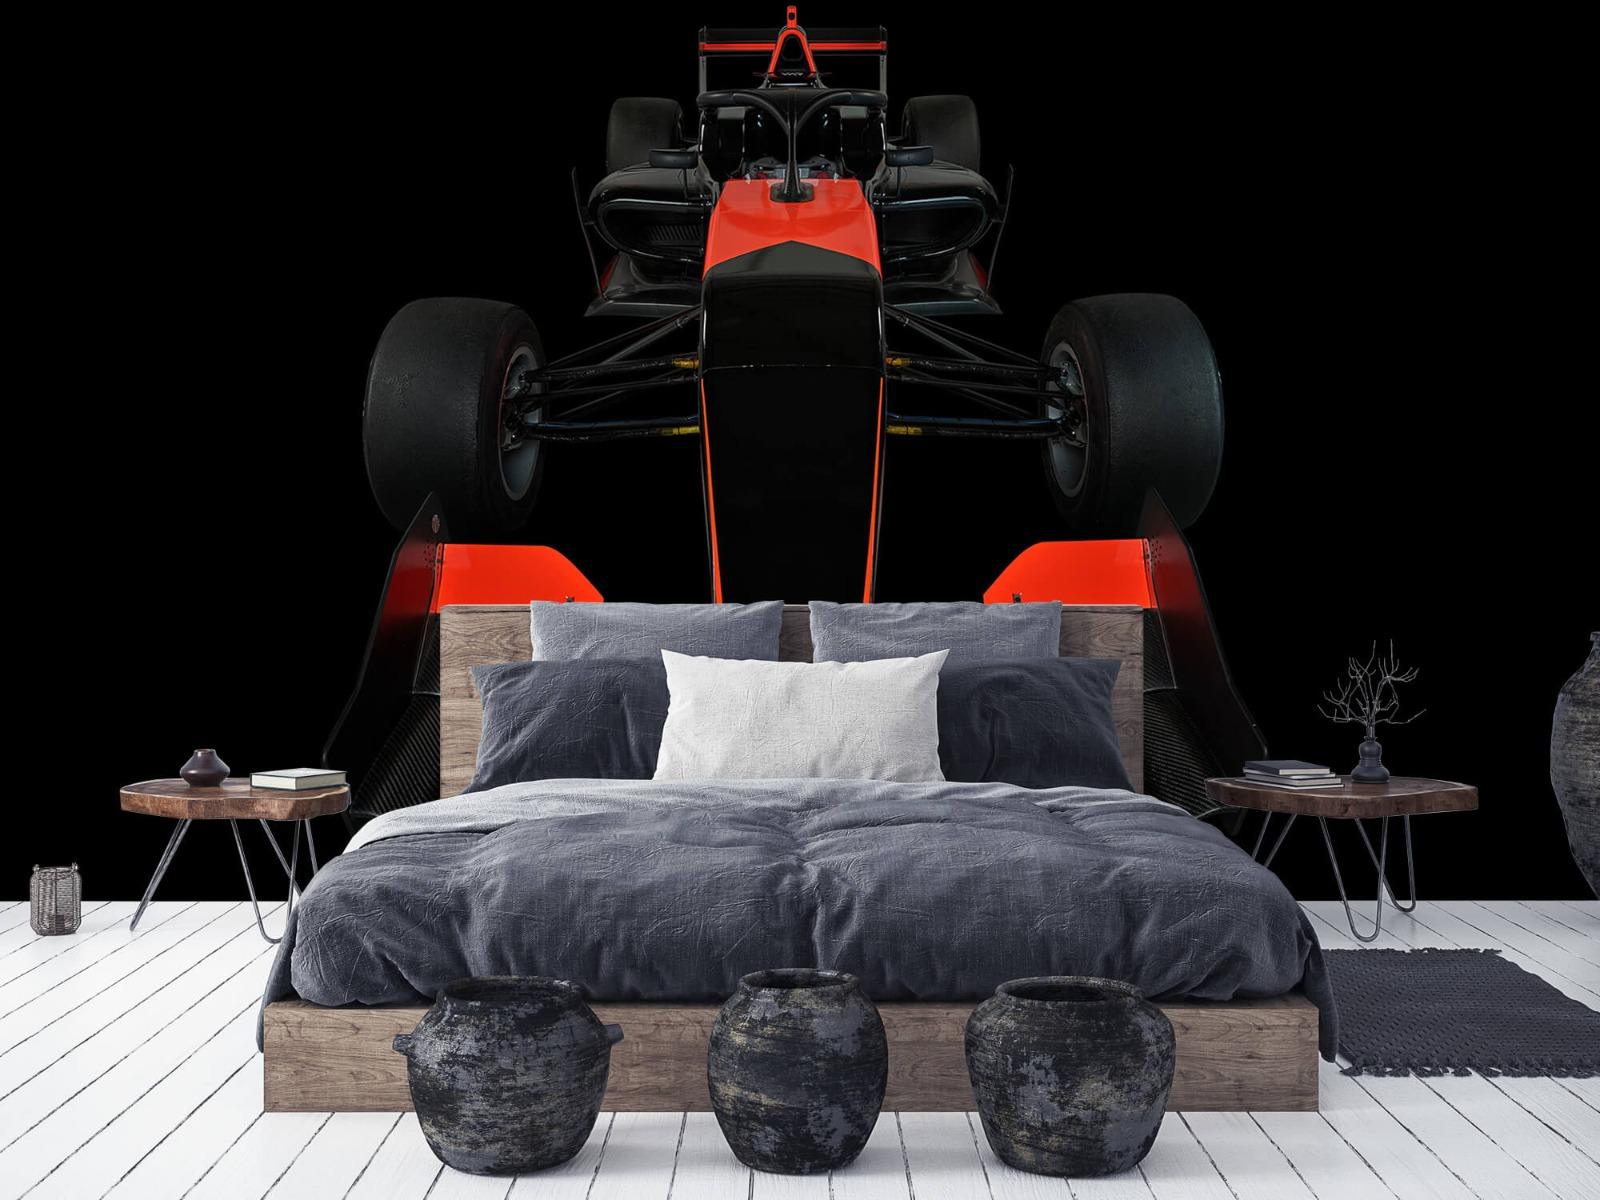 Sportauto's - Formule 3 - Front view - dark - Tienerkamer 6